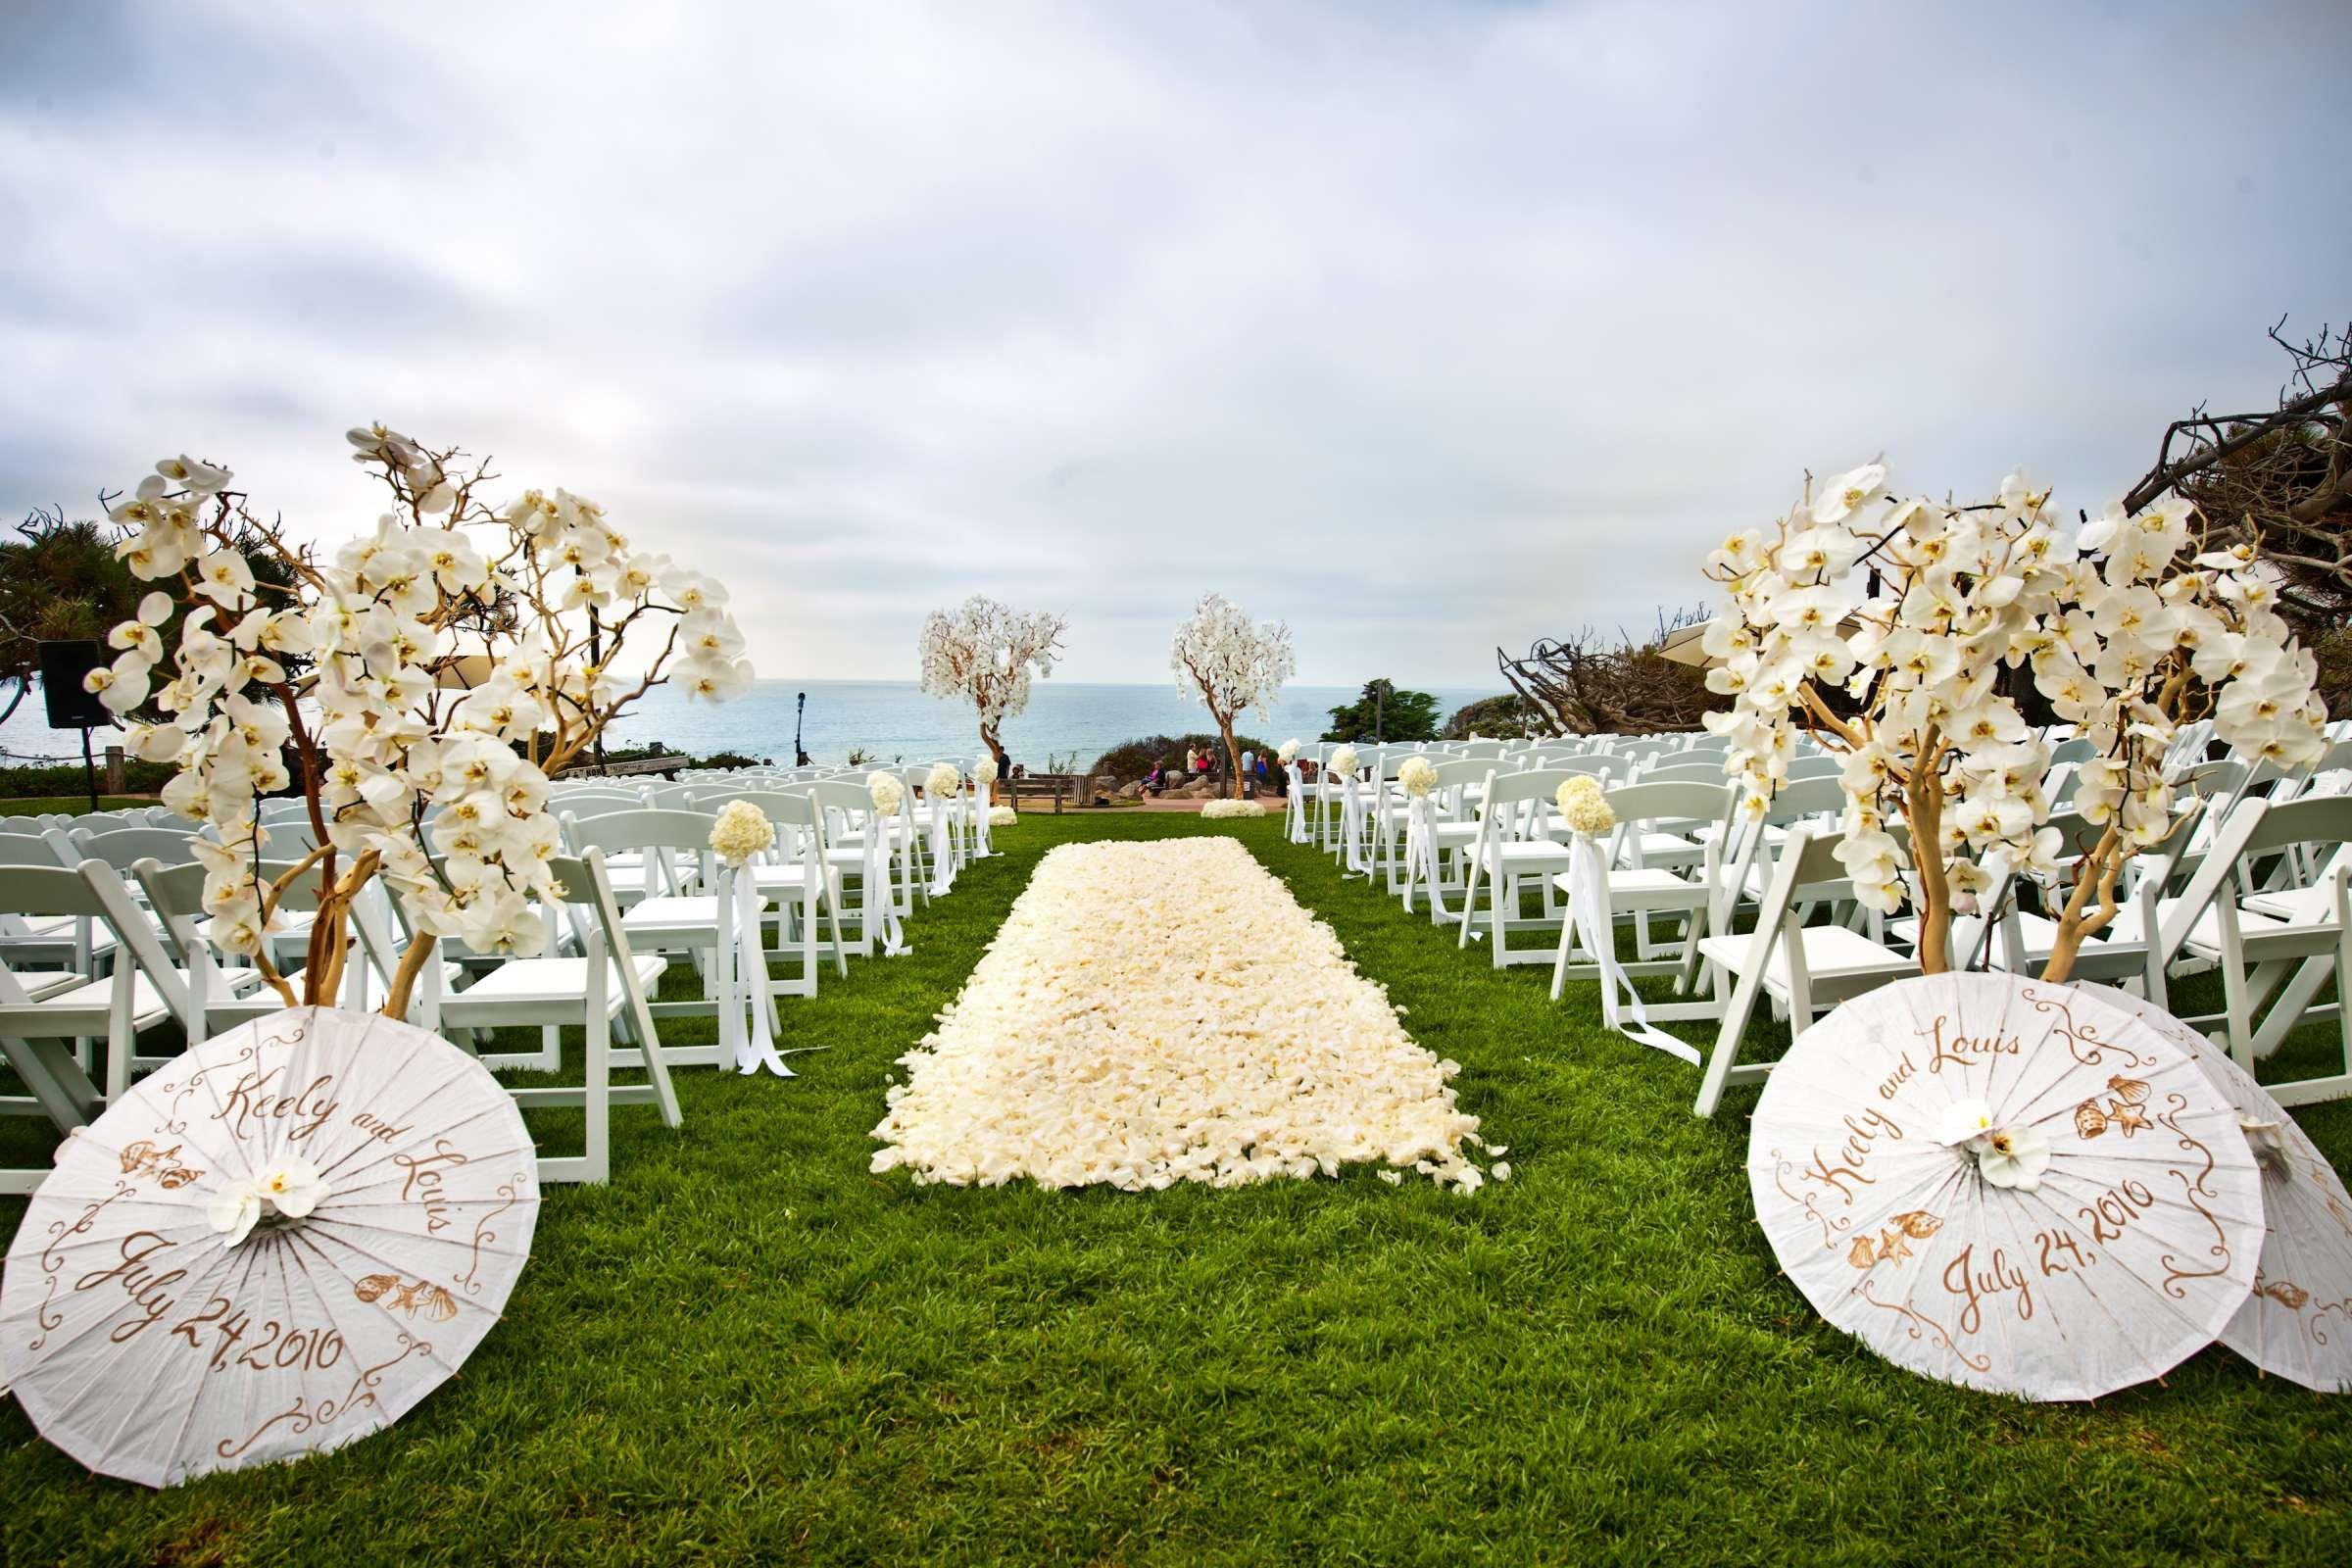 WHITE WEDDING PARASOLS| WEDDING DECOR - outside wedding - walk on ...